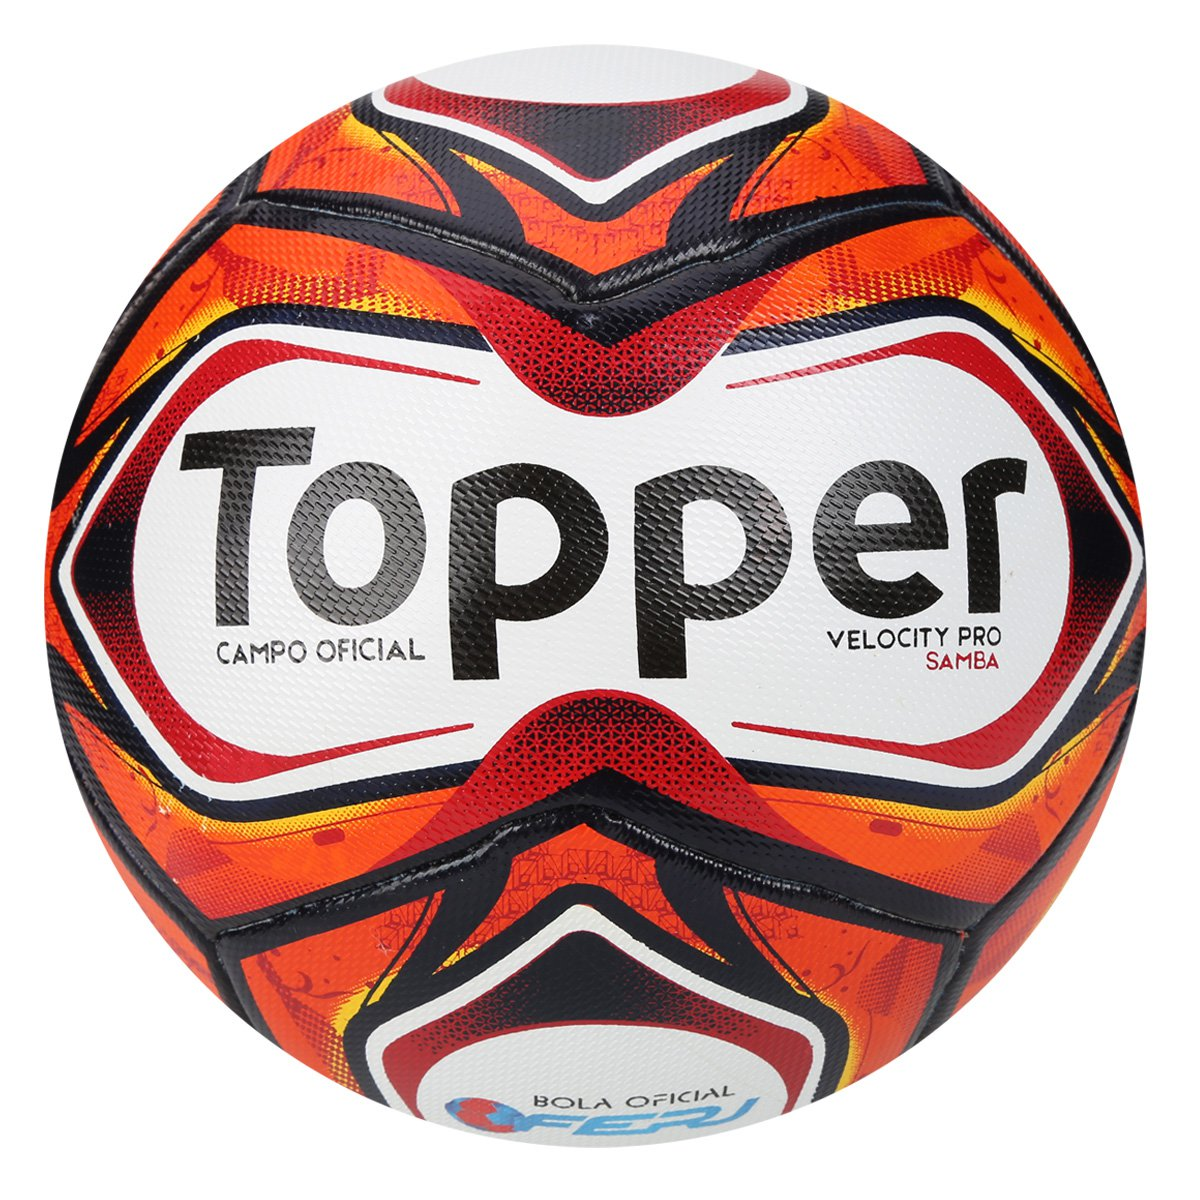 7d2361ff57592 Bola Futebol Campo Topper Samba Pro - Branco e Vermelho - Compre Agora